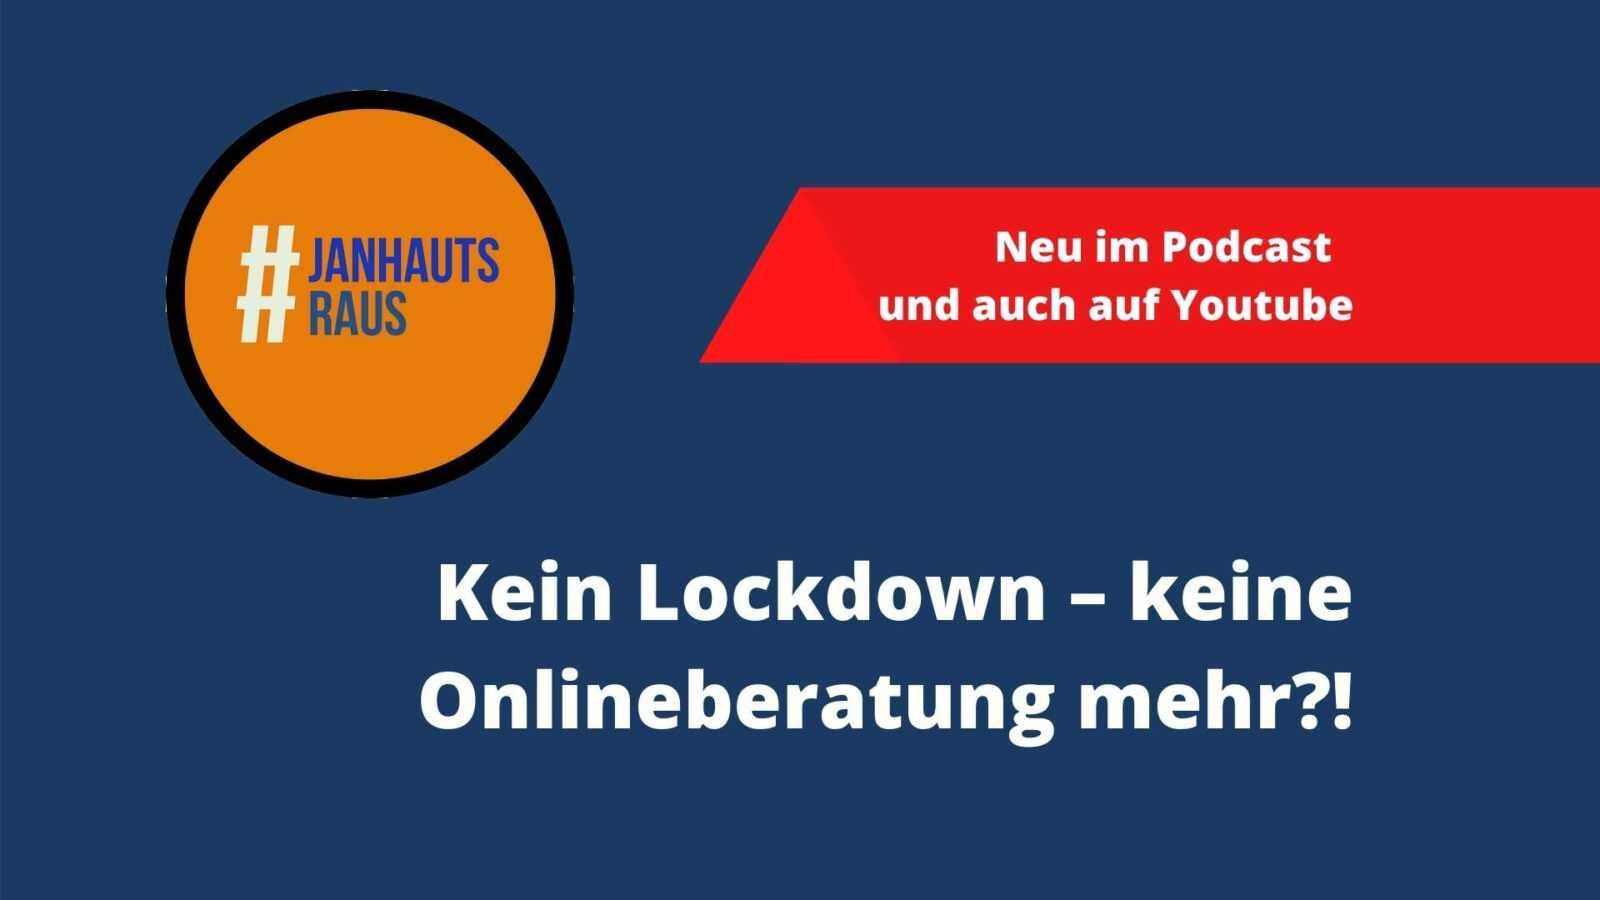 Kein Lockdown – keine Onlineberatung mehr!